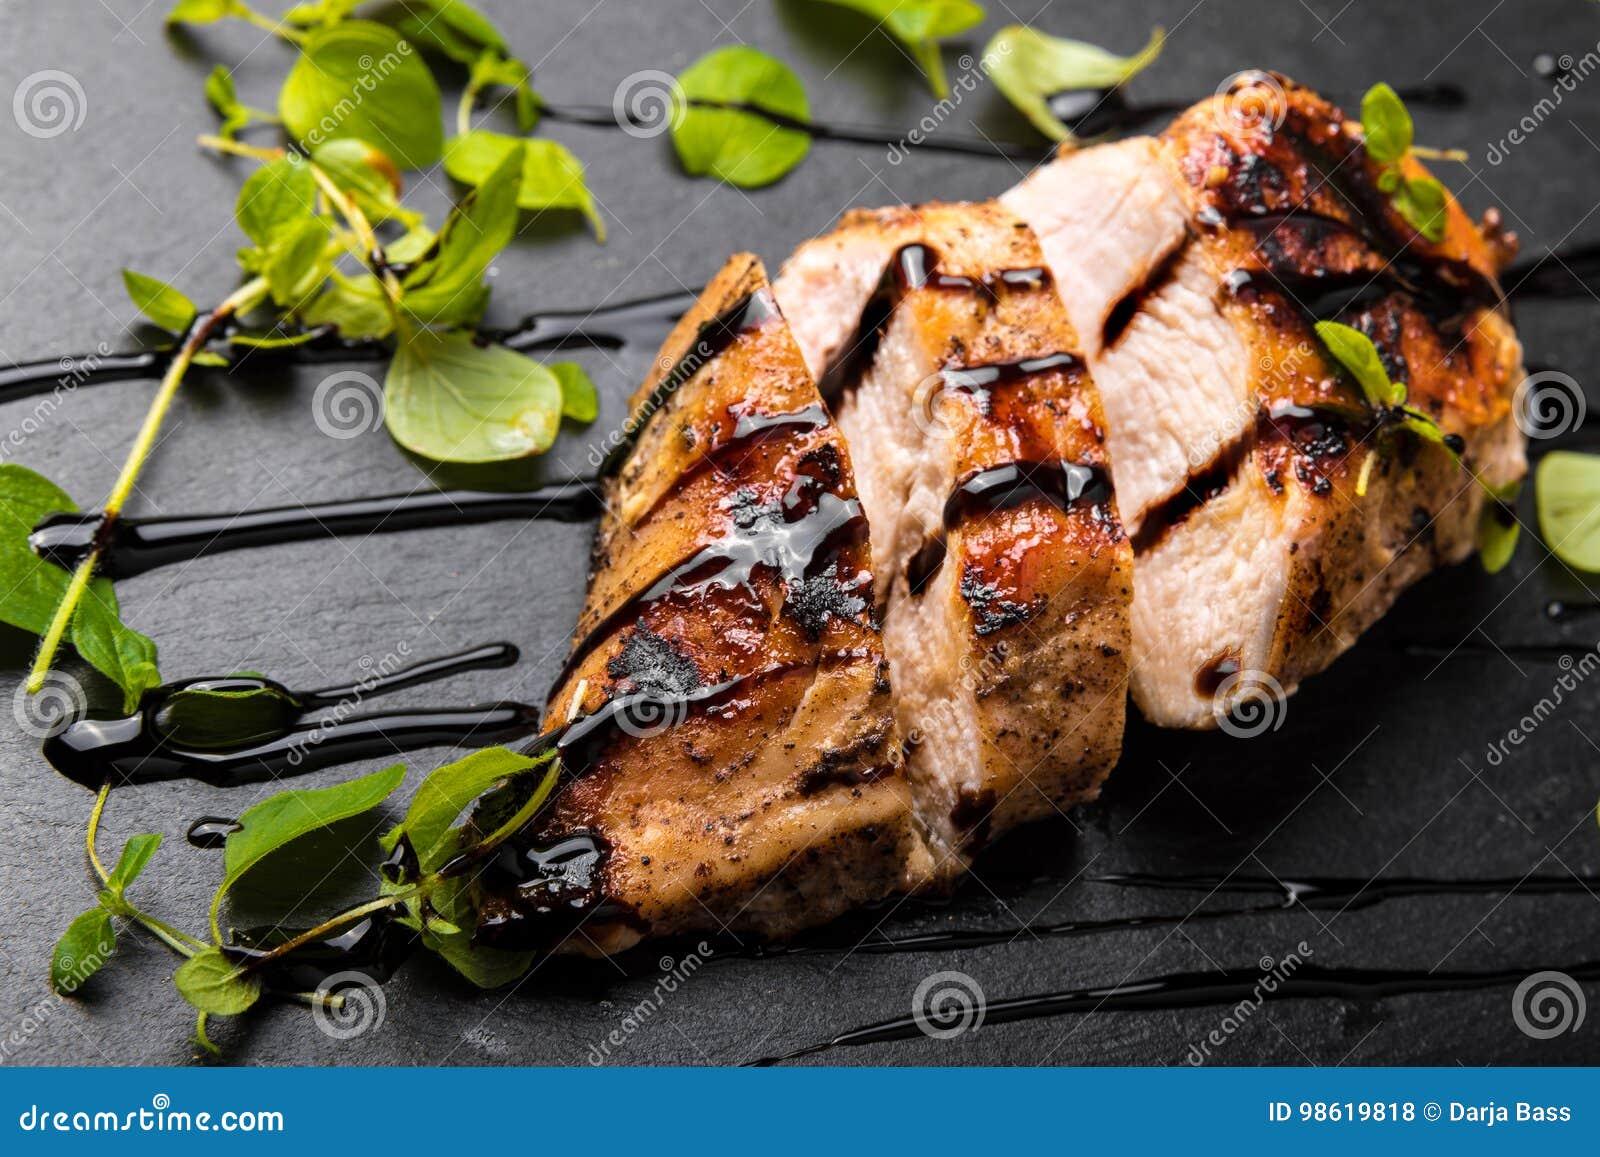 Grillat fegt bröst på en svart stenplatta med Balsamic vinäger och oreganon